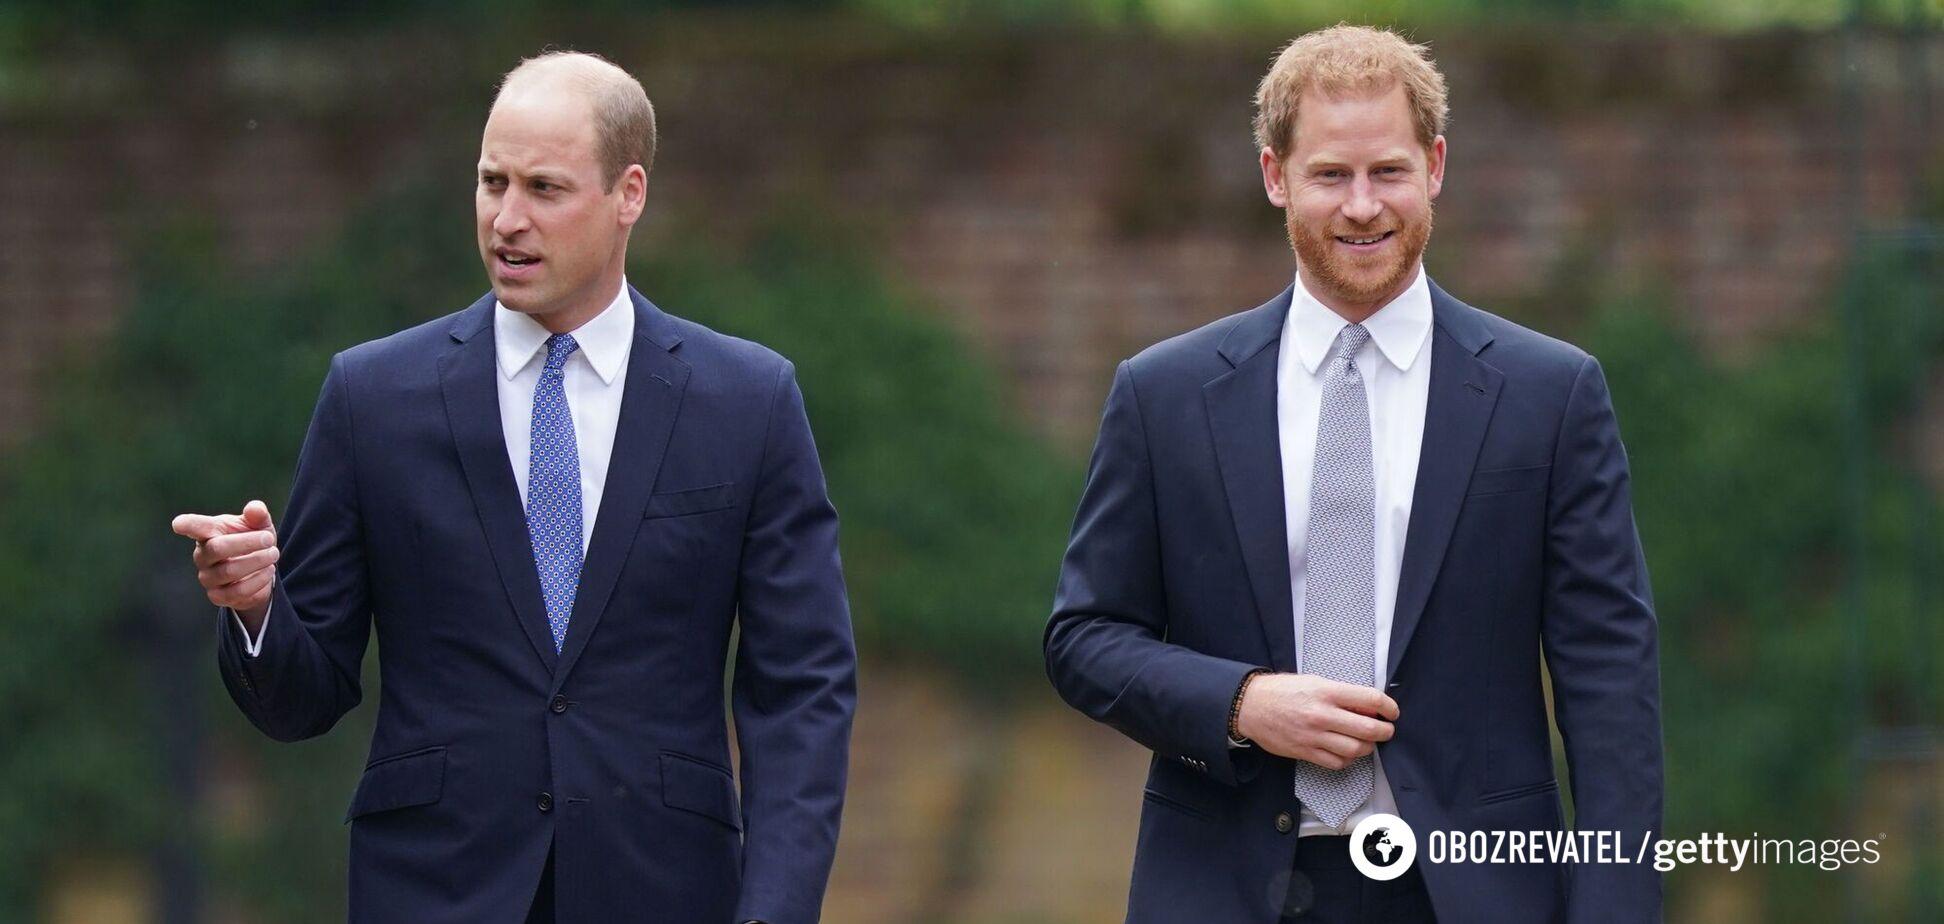 Принцы Уильям и Гарри встретились, чтобы открыть статую леди Ди. Фото